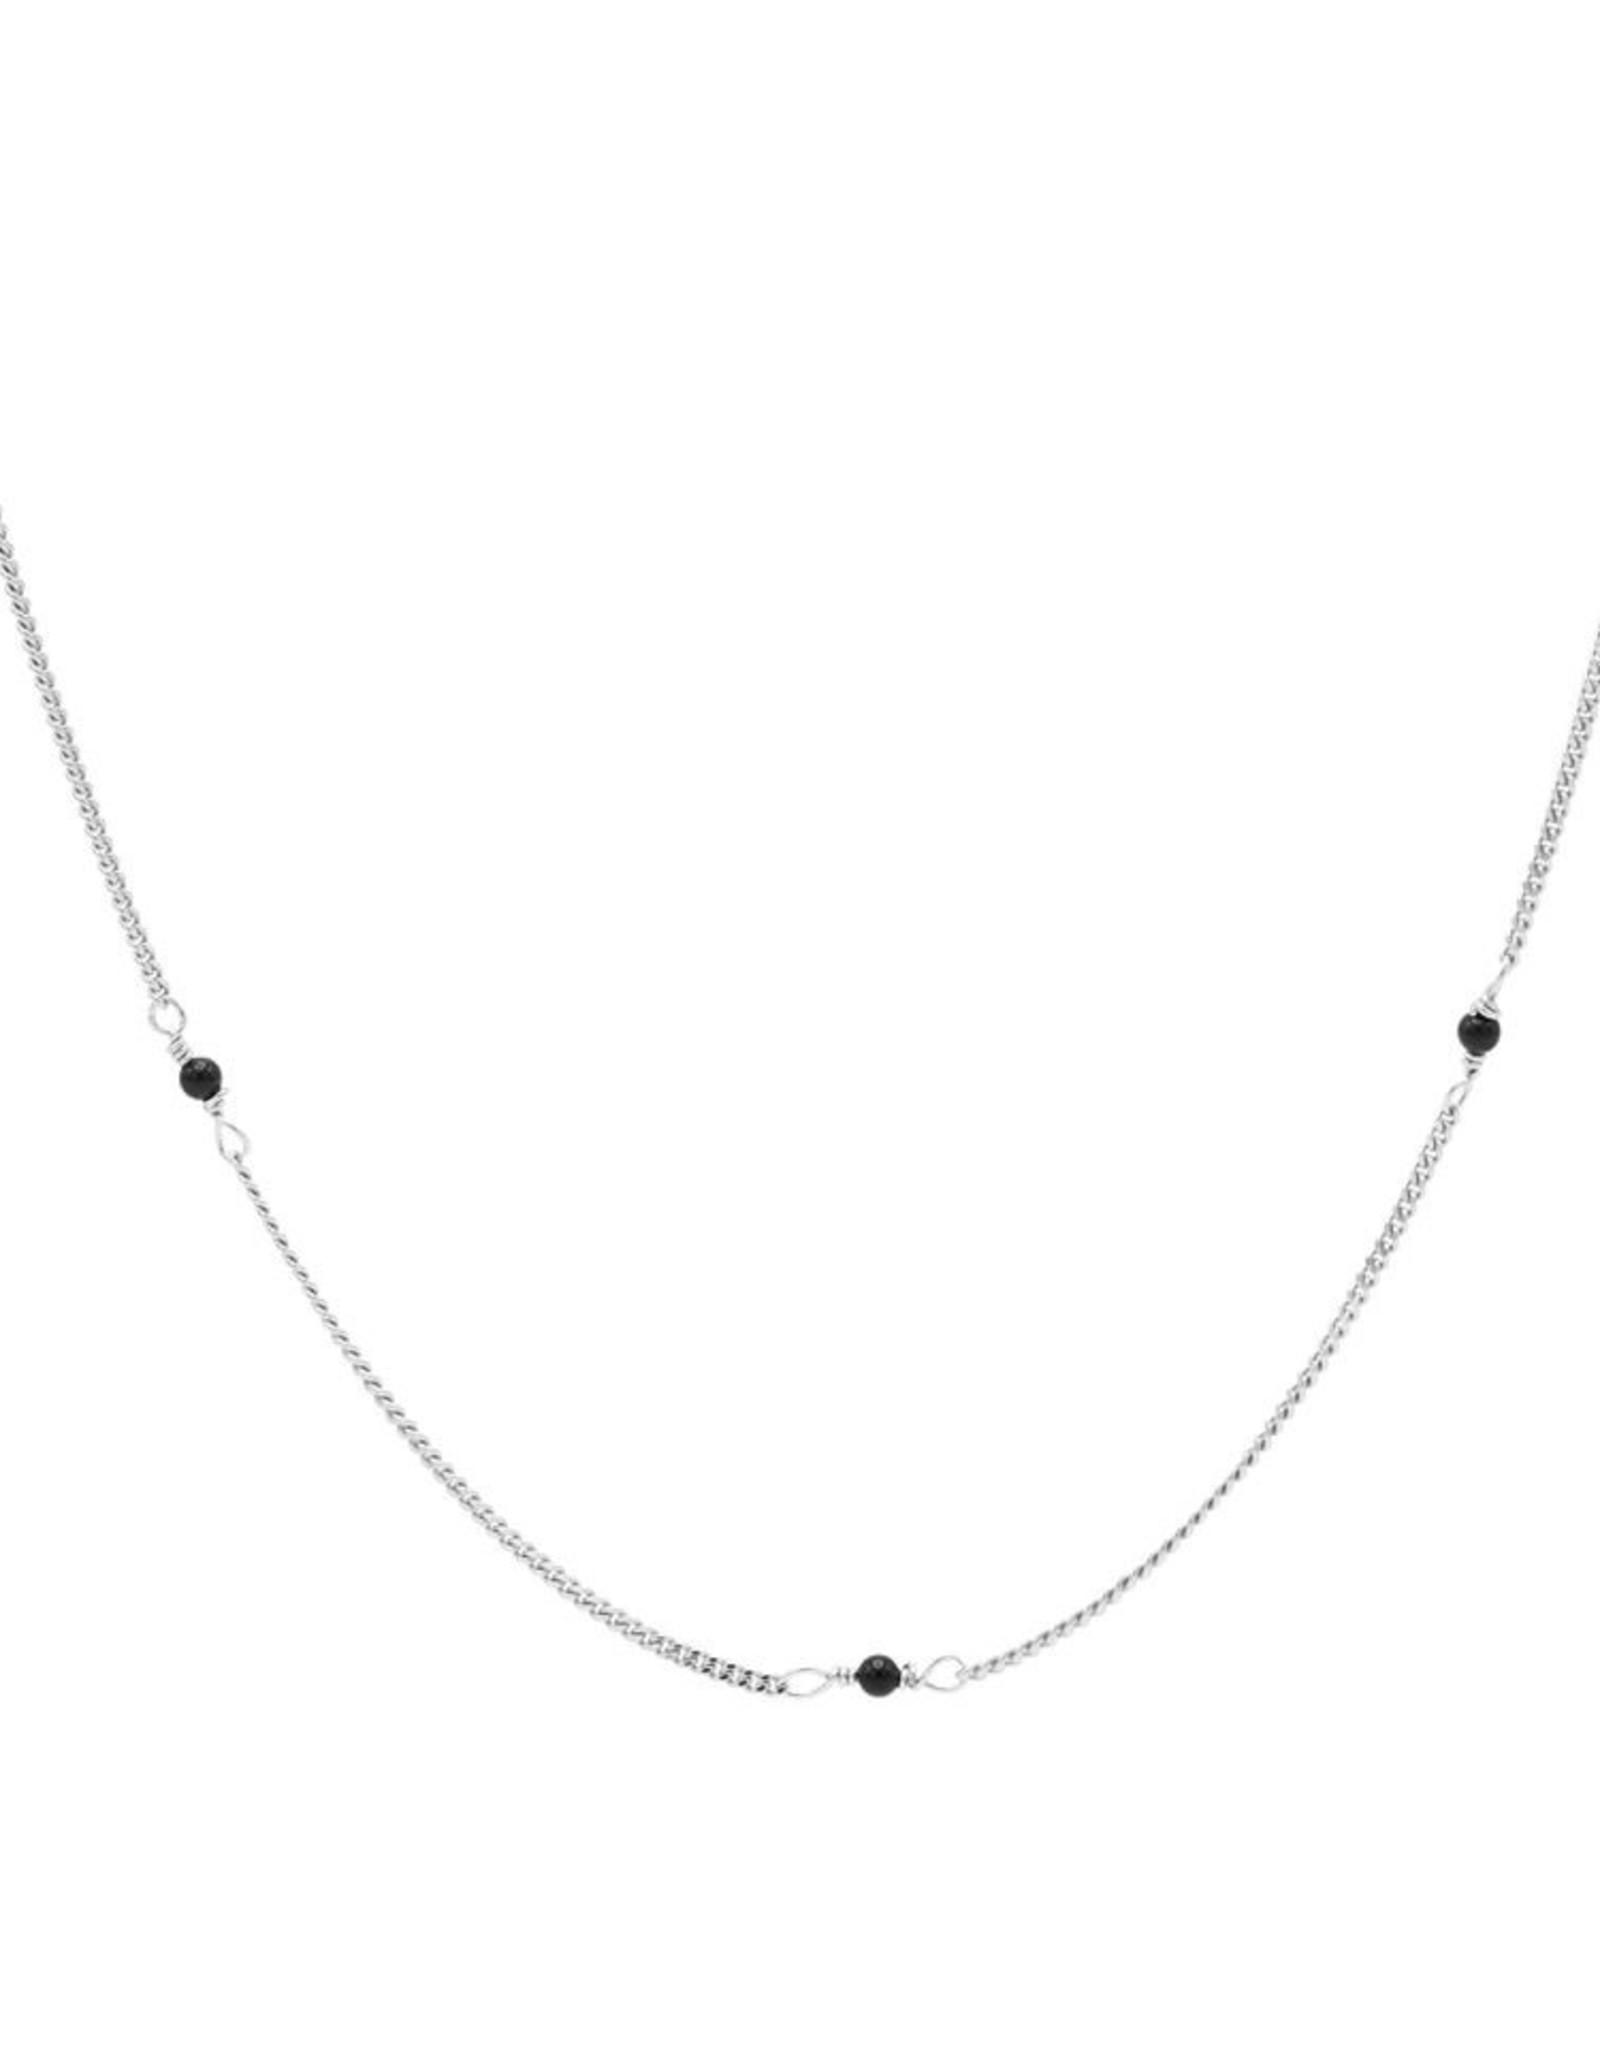 Karma Necklace Tiny Onyx Silver